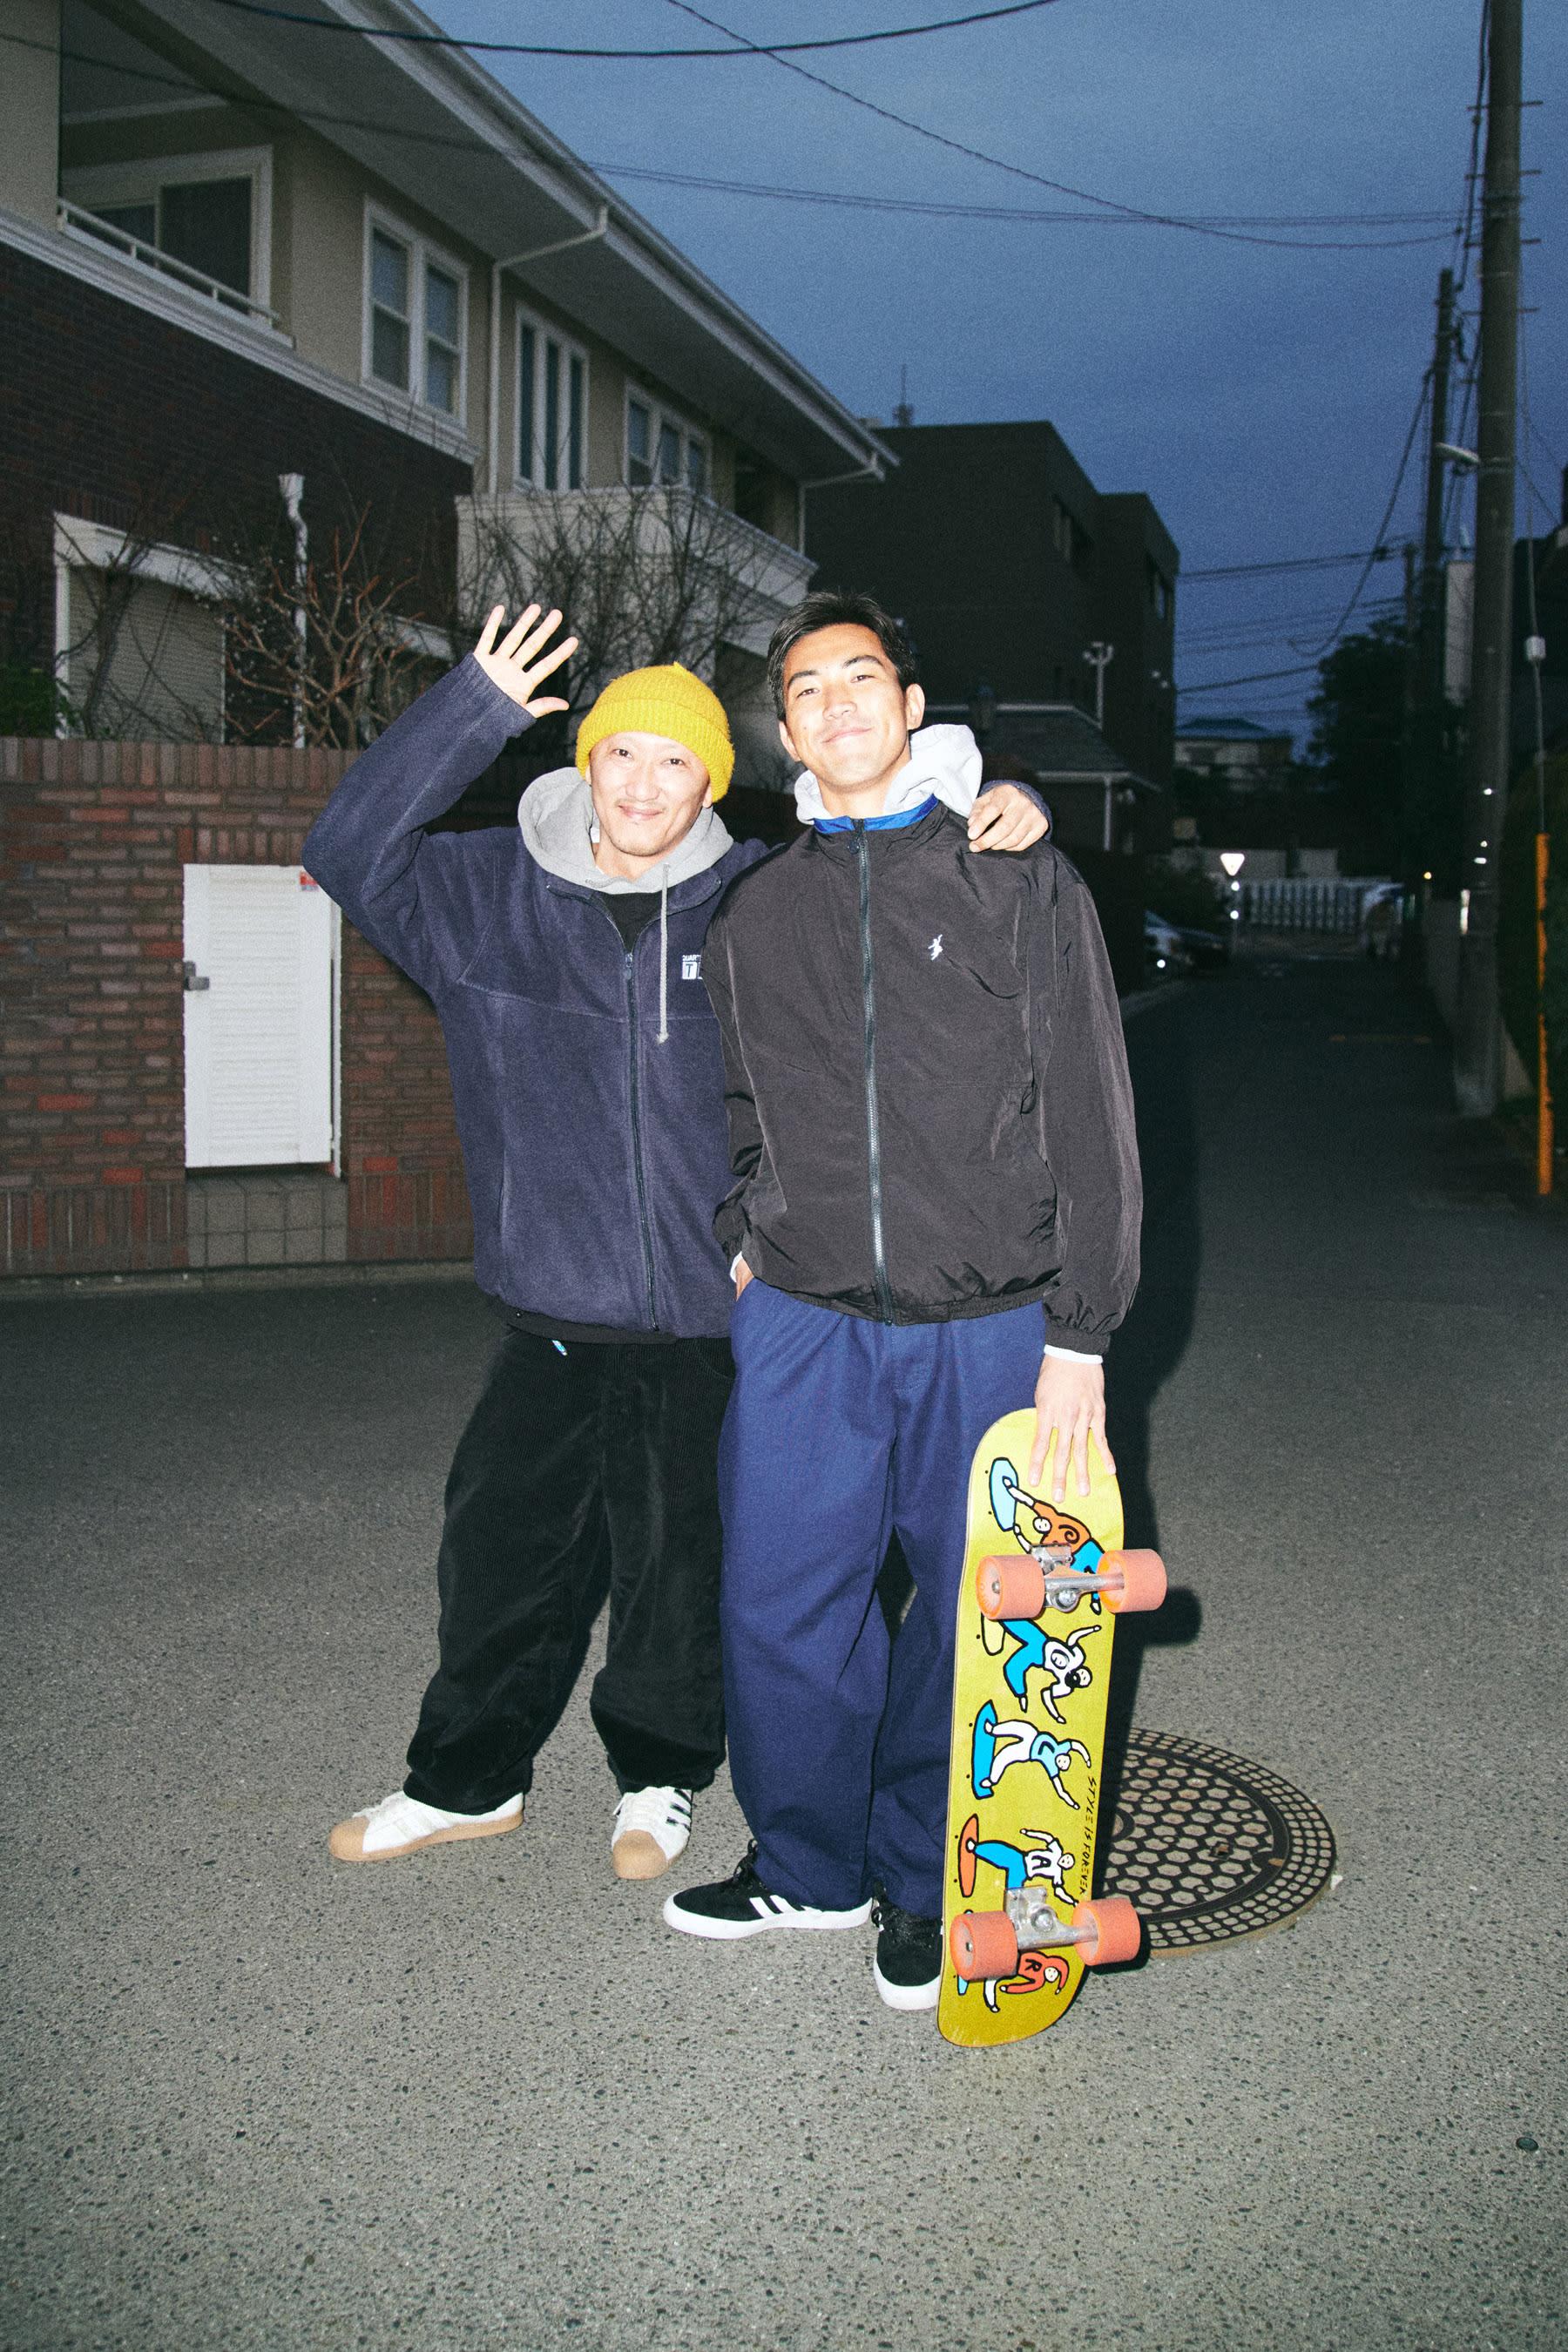 Polar Skate Co. SS20 Lookbook featuring Shin Sanbongi in Chigasaki